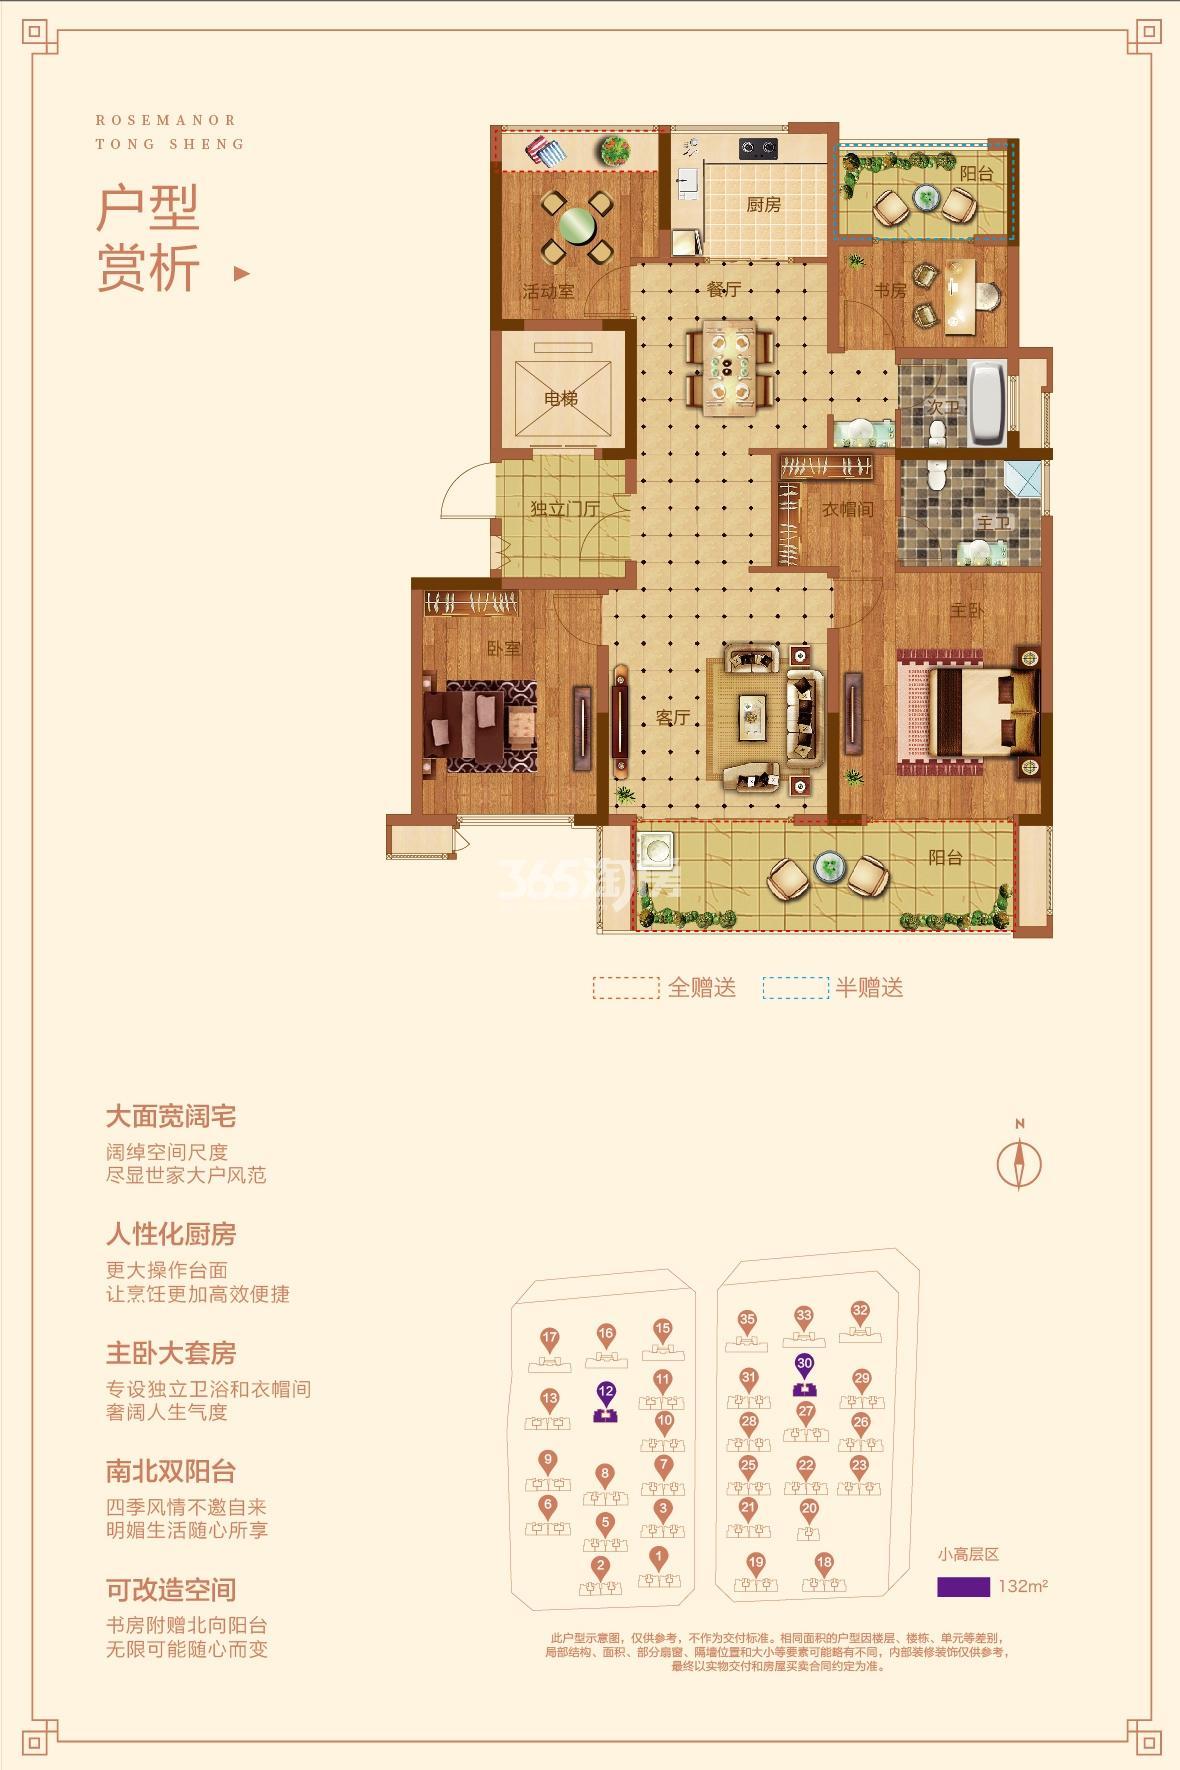 同昇玫瑰庄园X2: 四室 二厅 二卫 132㎡